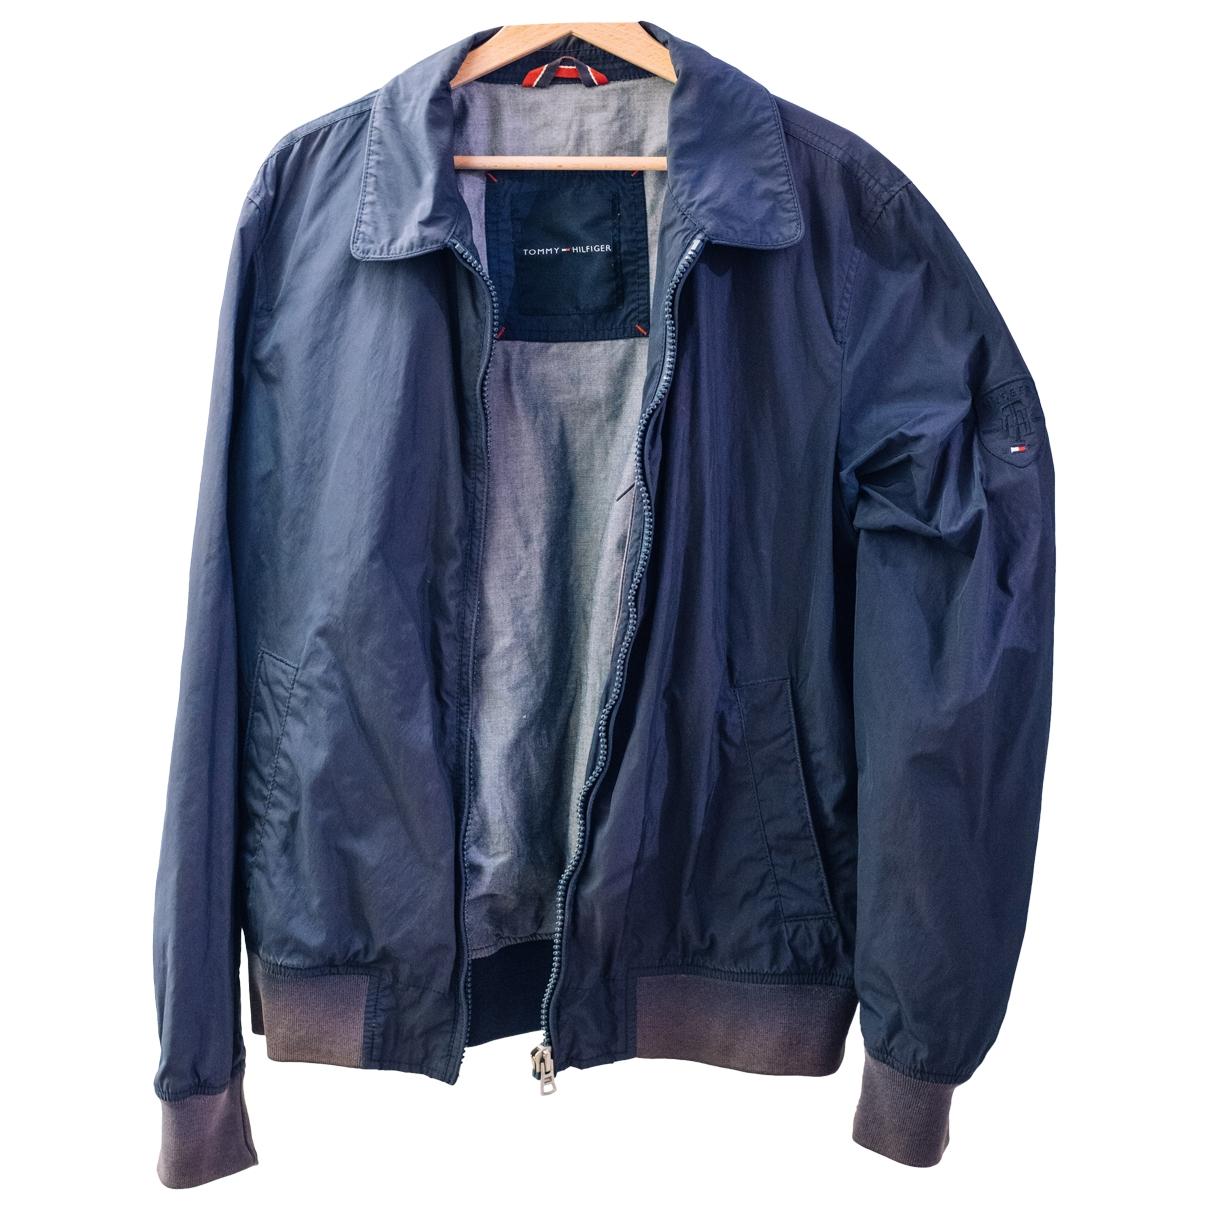 Tommy Hilfiger \N Jacke in  Blau Polyester